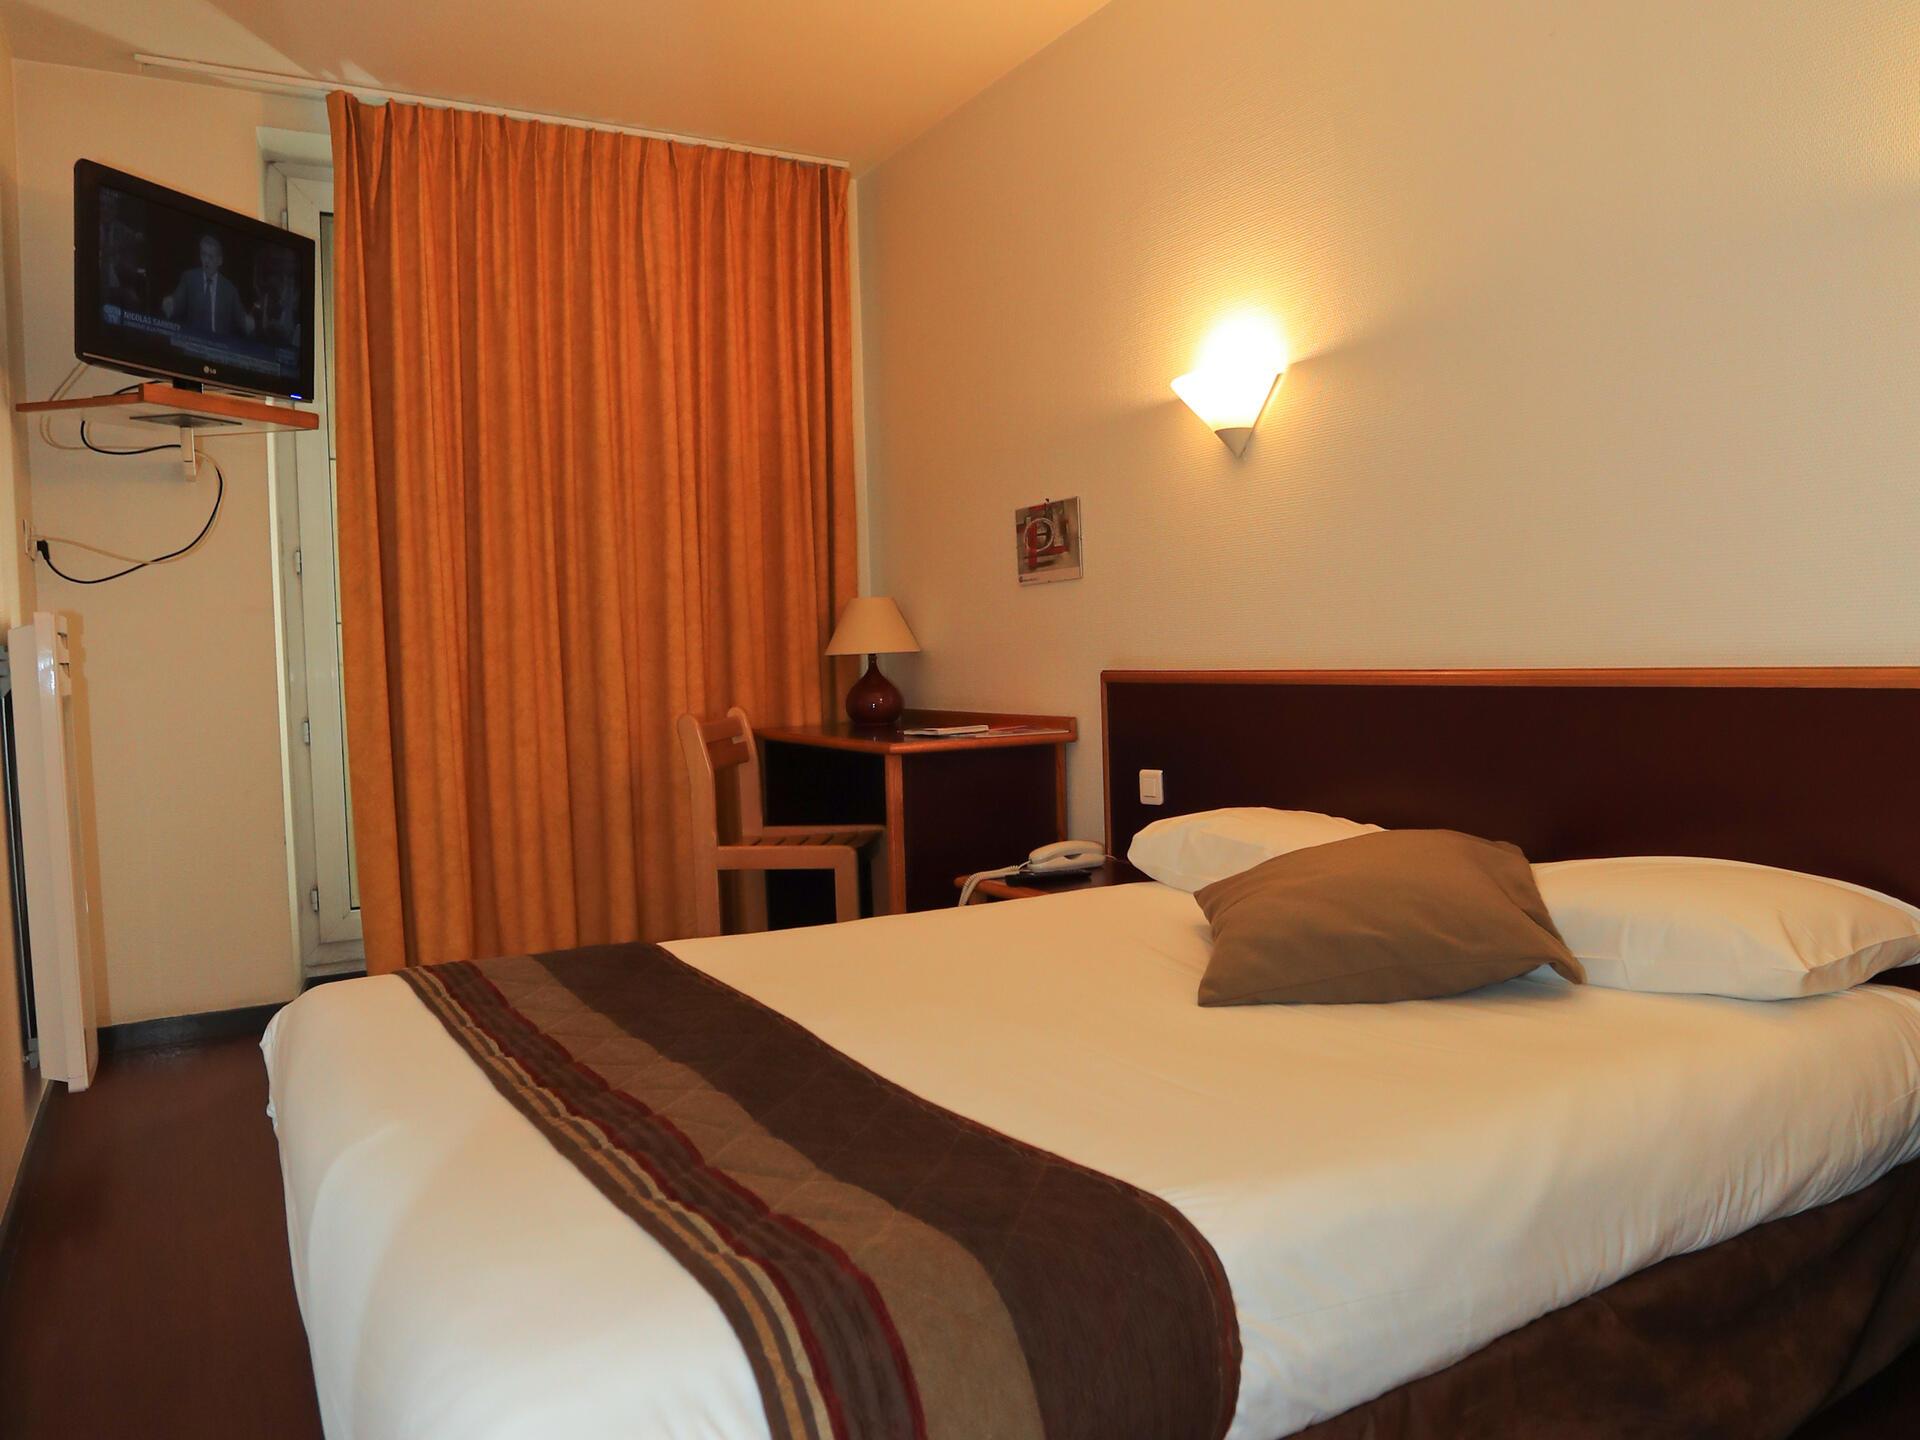 Chambre classique double - Hôtel Bristol Le Puy en Velay